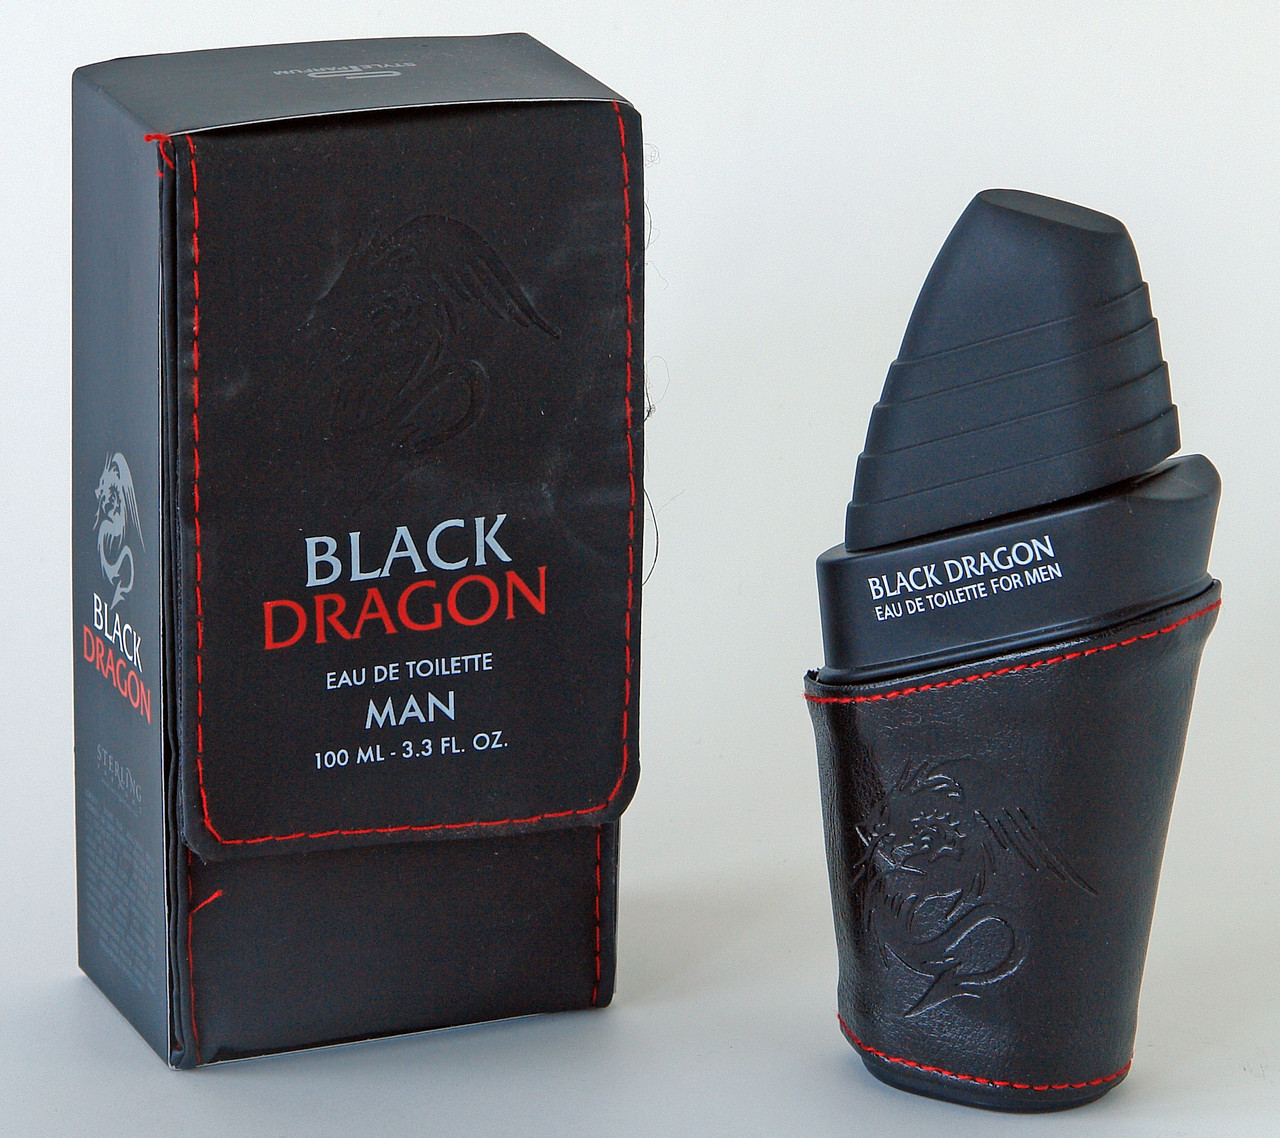 Black Dragon 100 ml